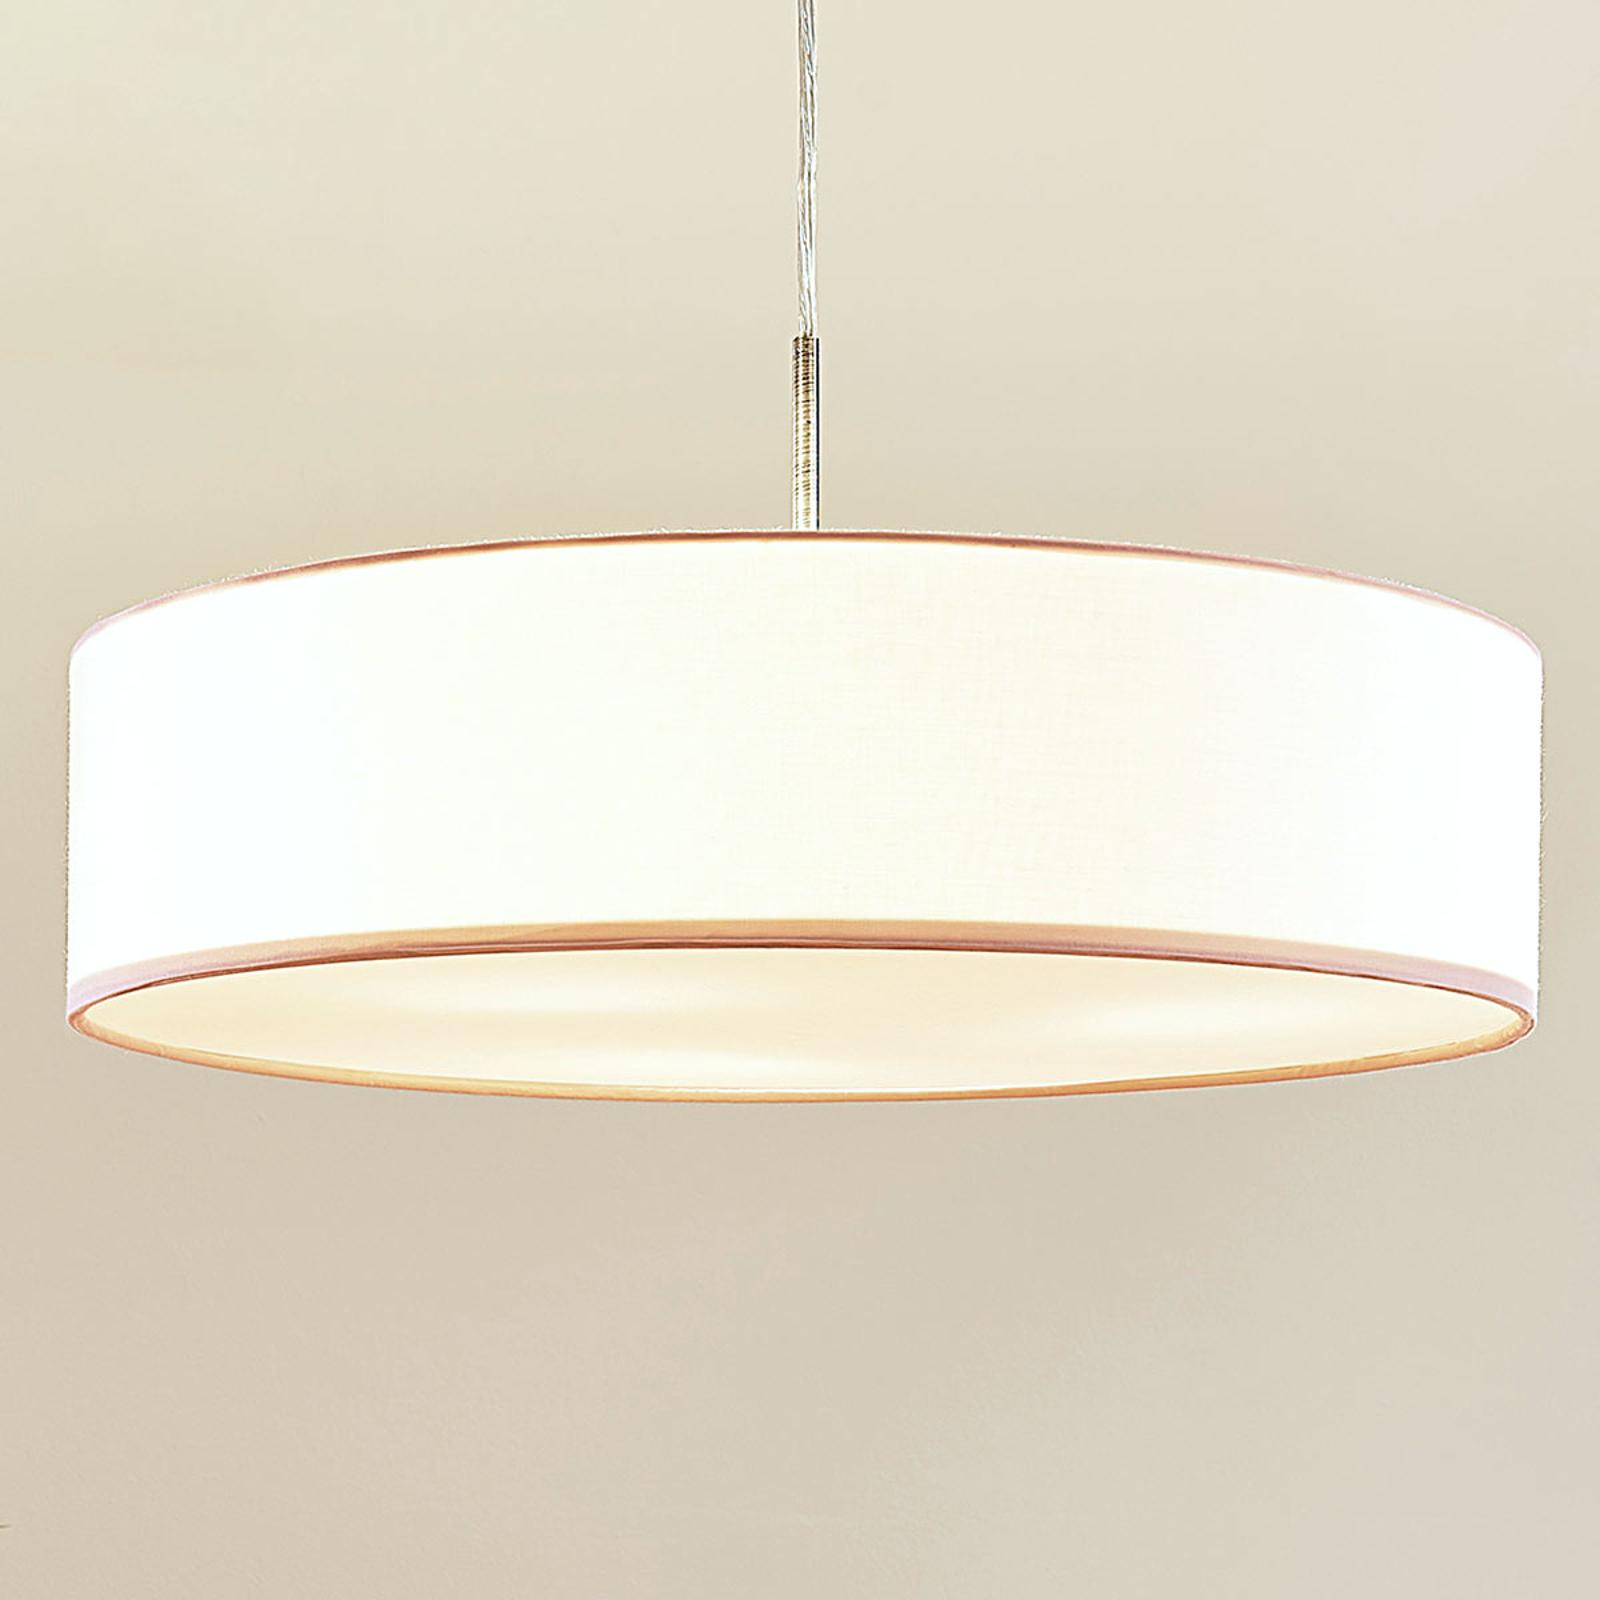 Hvid LED-pendellampe Sebatin af stof